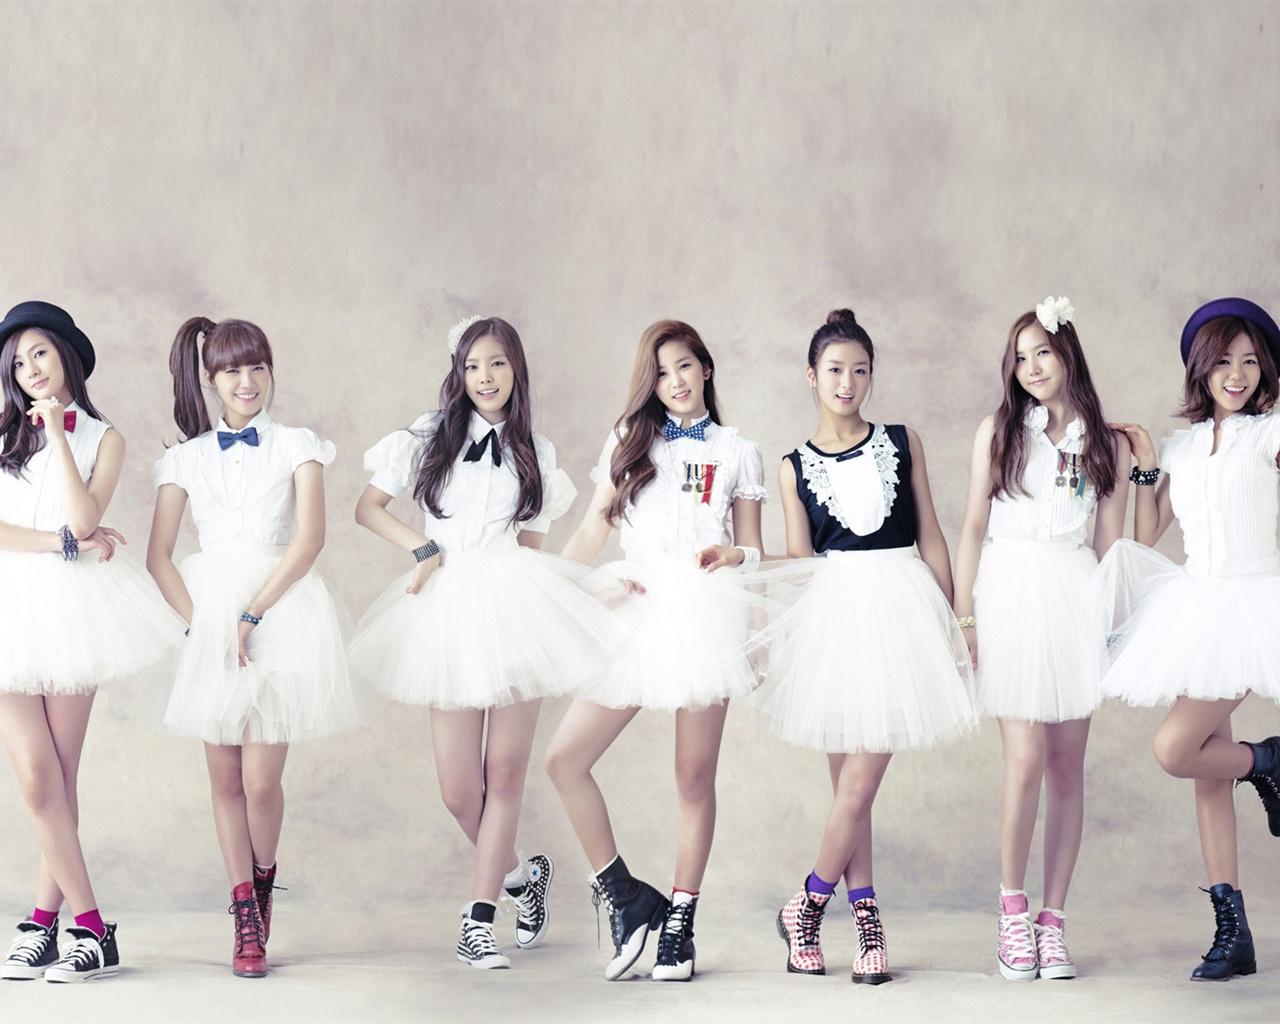 Wallpaper A Pink Korean Kpop Music Girls 01 1920x1200 Hd